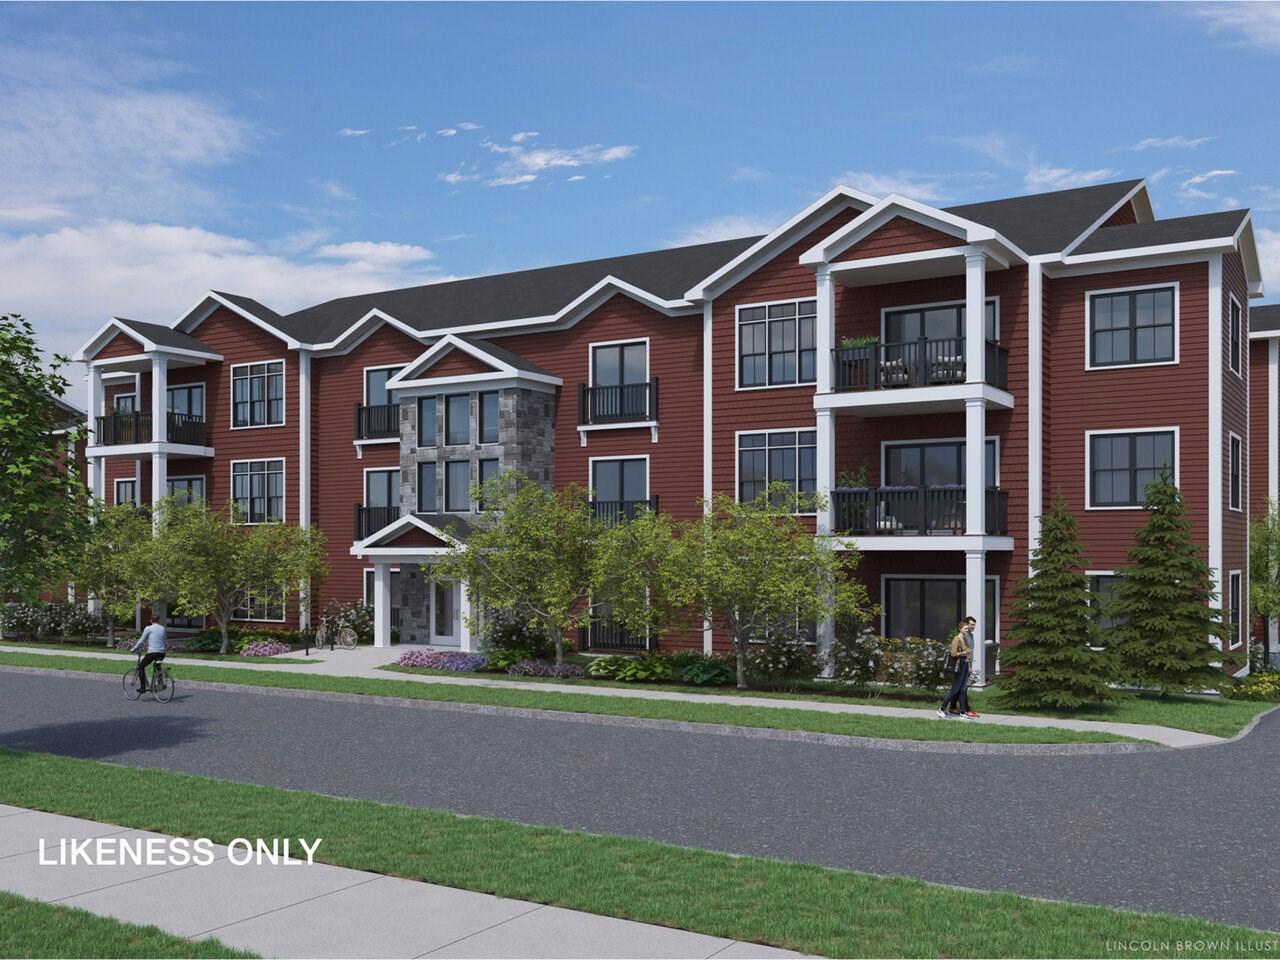 64 Aiken Street, South Burlington, Vermont 05403, 2 Bedrooms Bedrooms, ,2 BathroomsBathrooms,Condominium,For Sale,64 Aiken Street,1,4852324